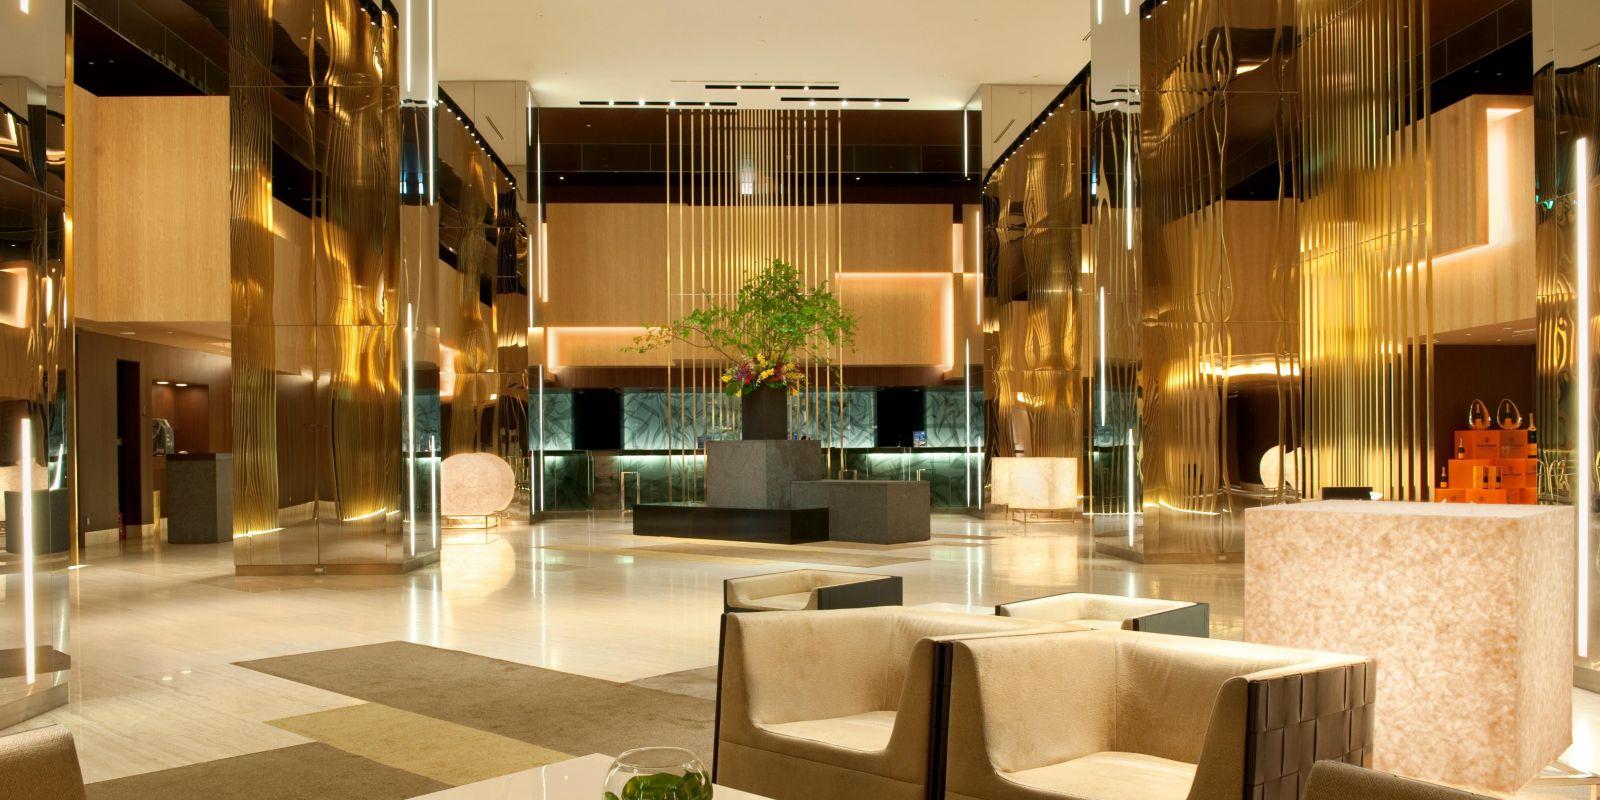 Crowne plaza ana osaka osaka shi for Design hotel osaka